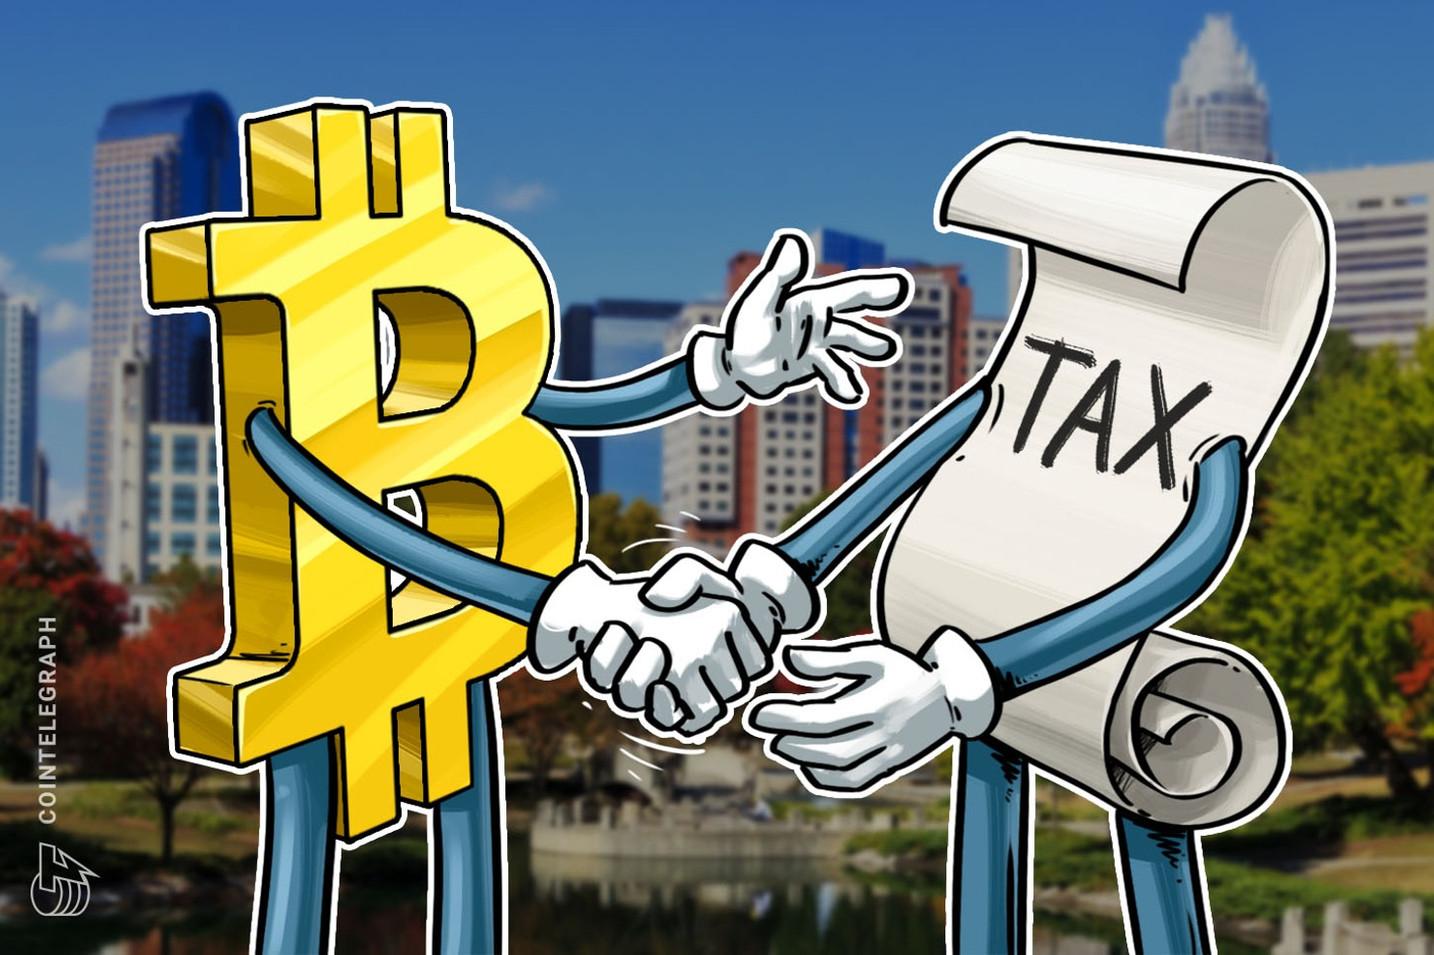 「今年、仮想通貨の売買をしたりしましたか?」米税務当局が初の質問項目|ビットコインに追い風との声も